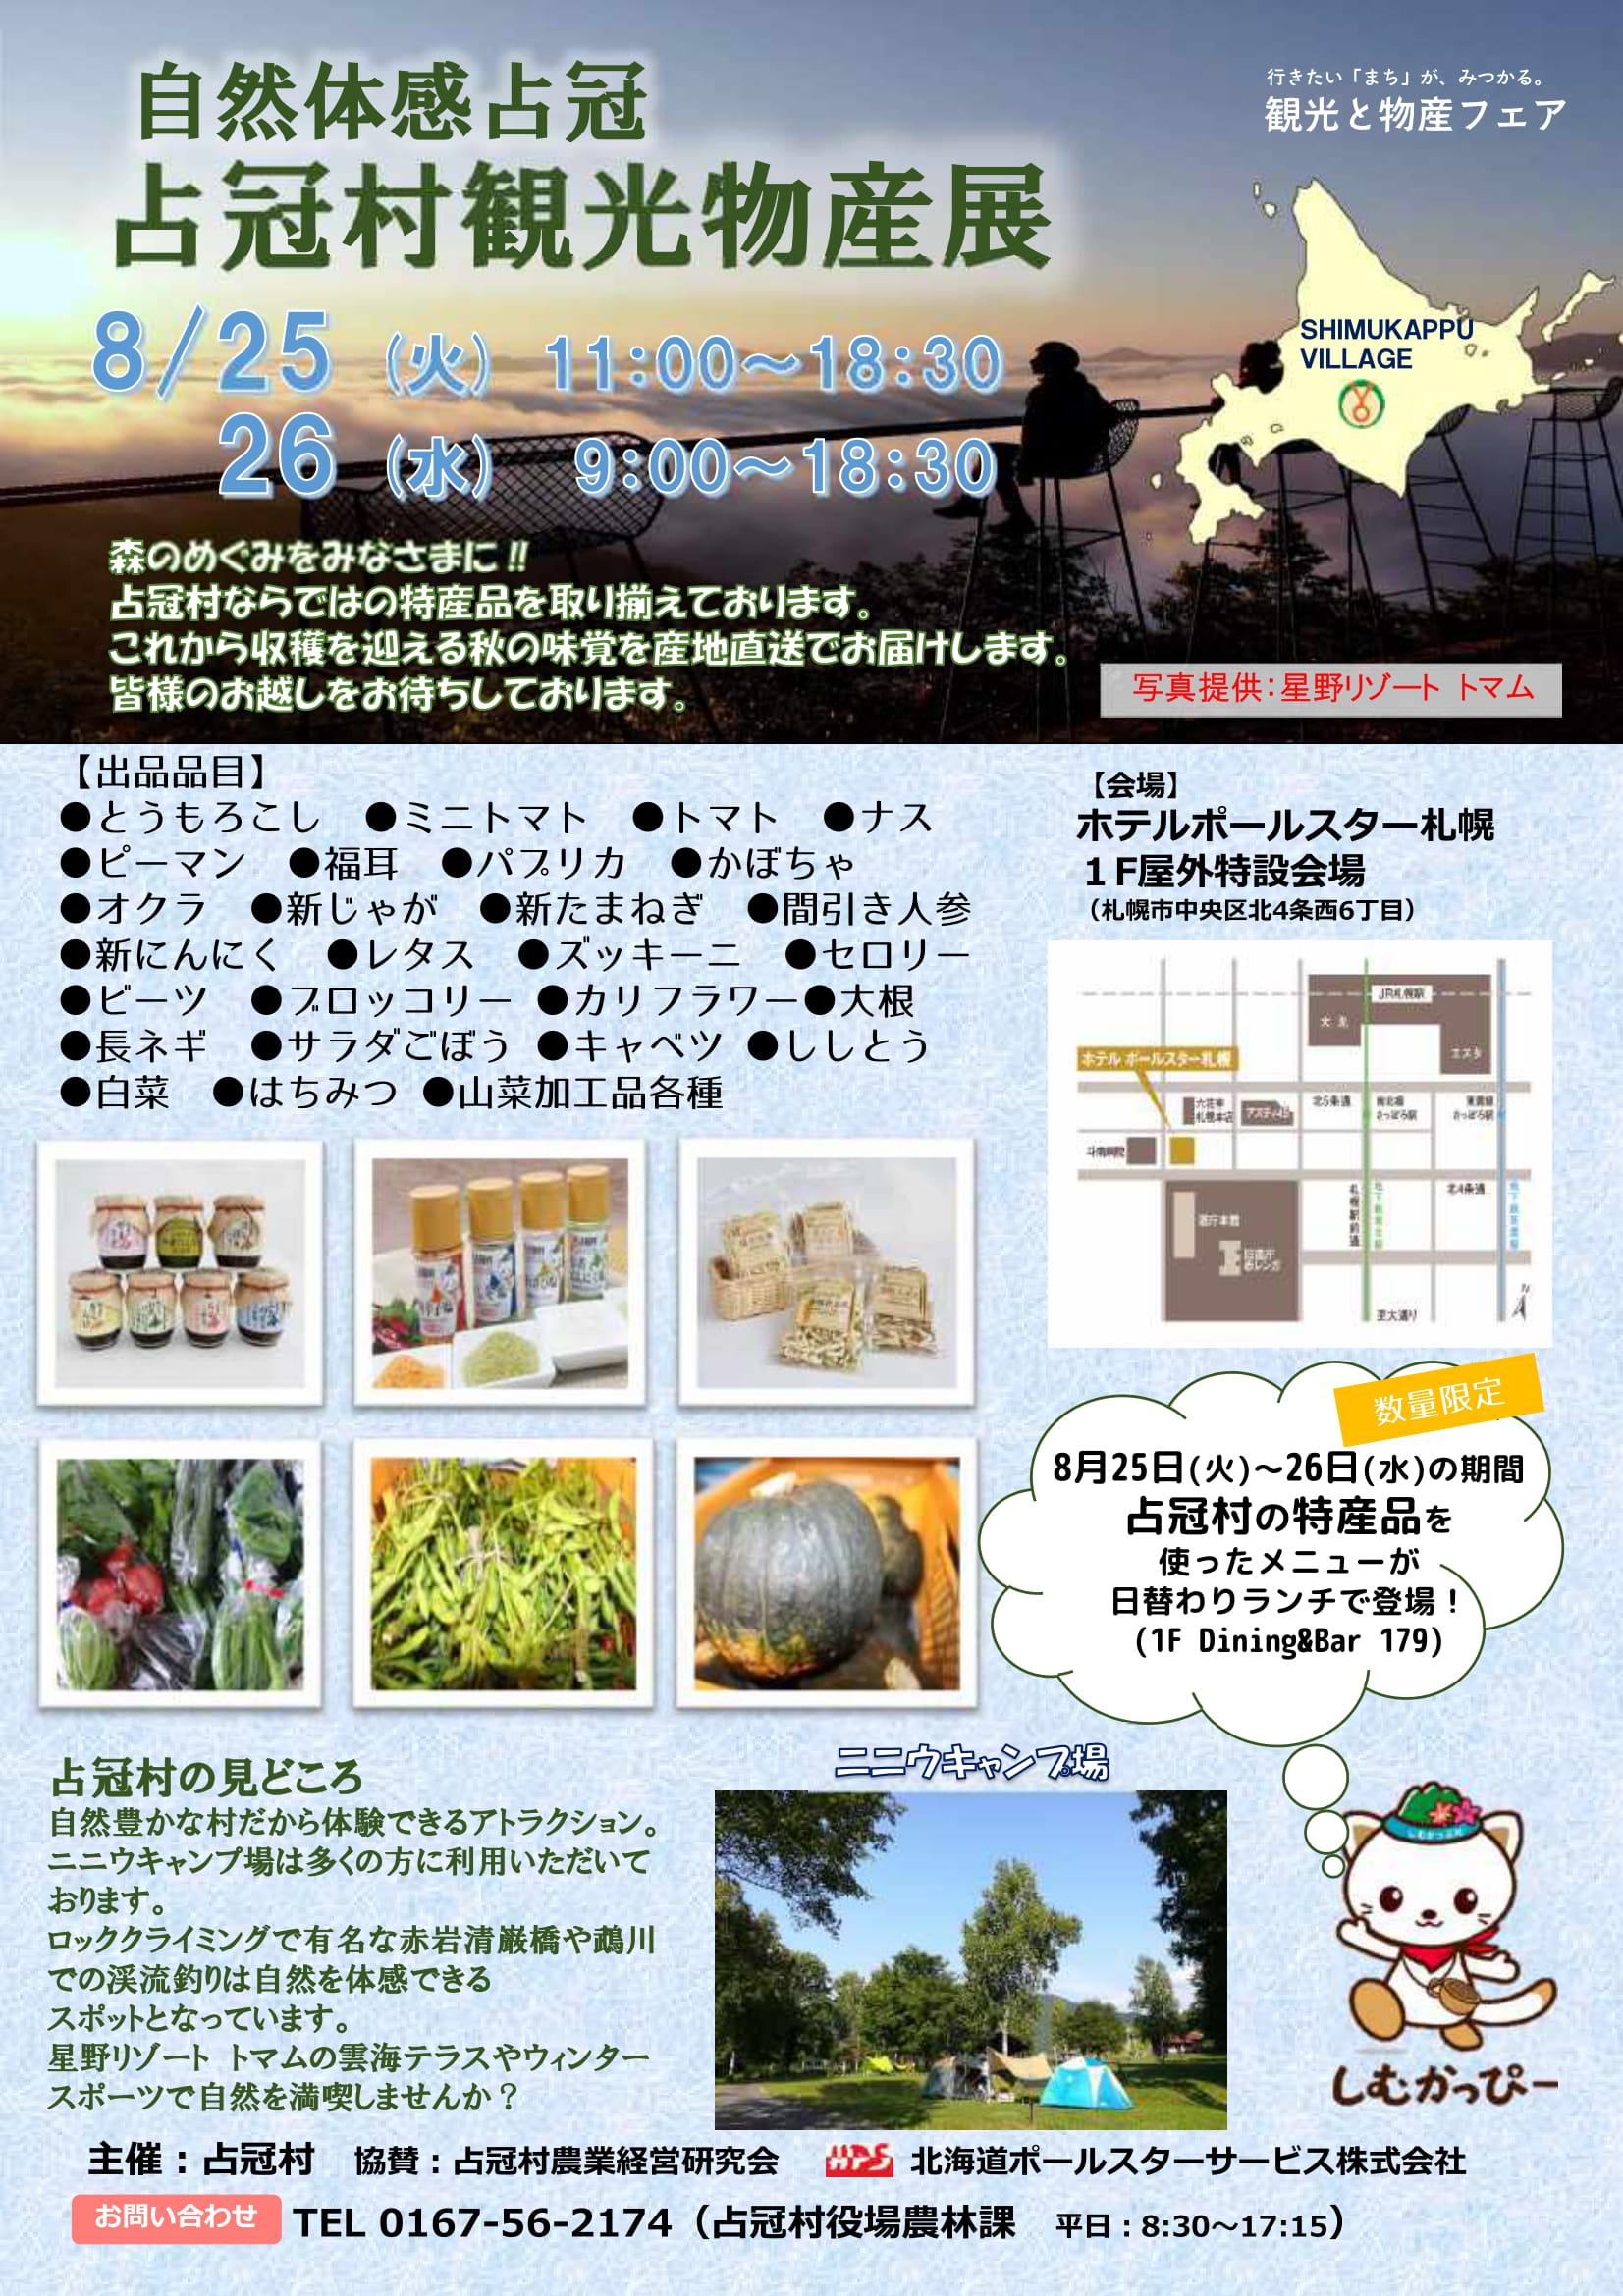 占冠村観光物産展(8月25日~26日)が開かれます。